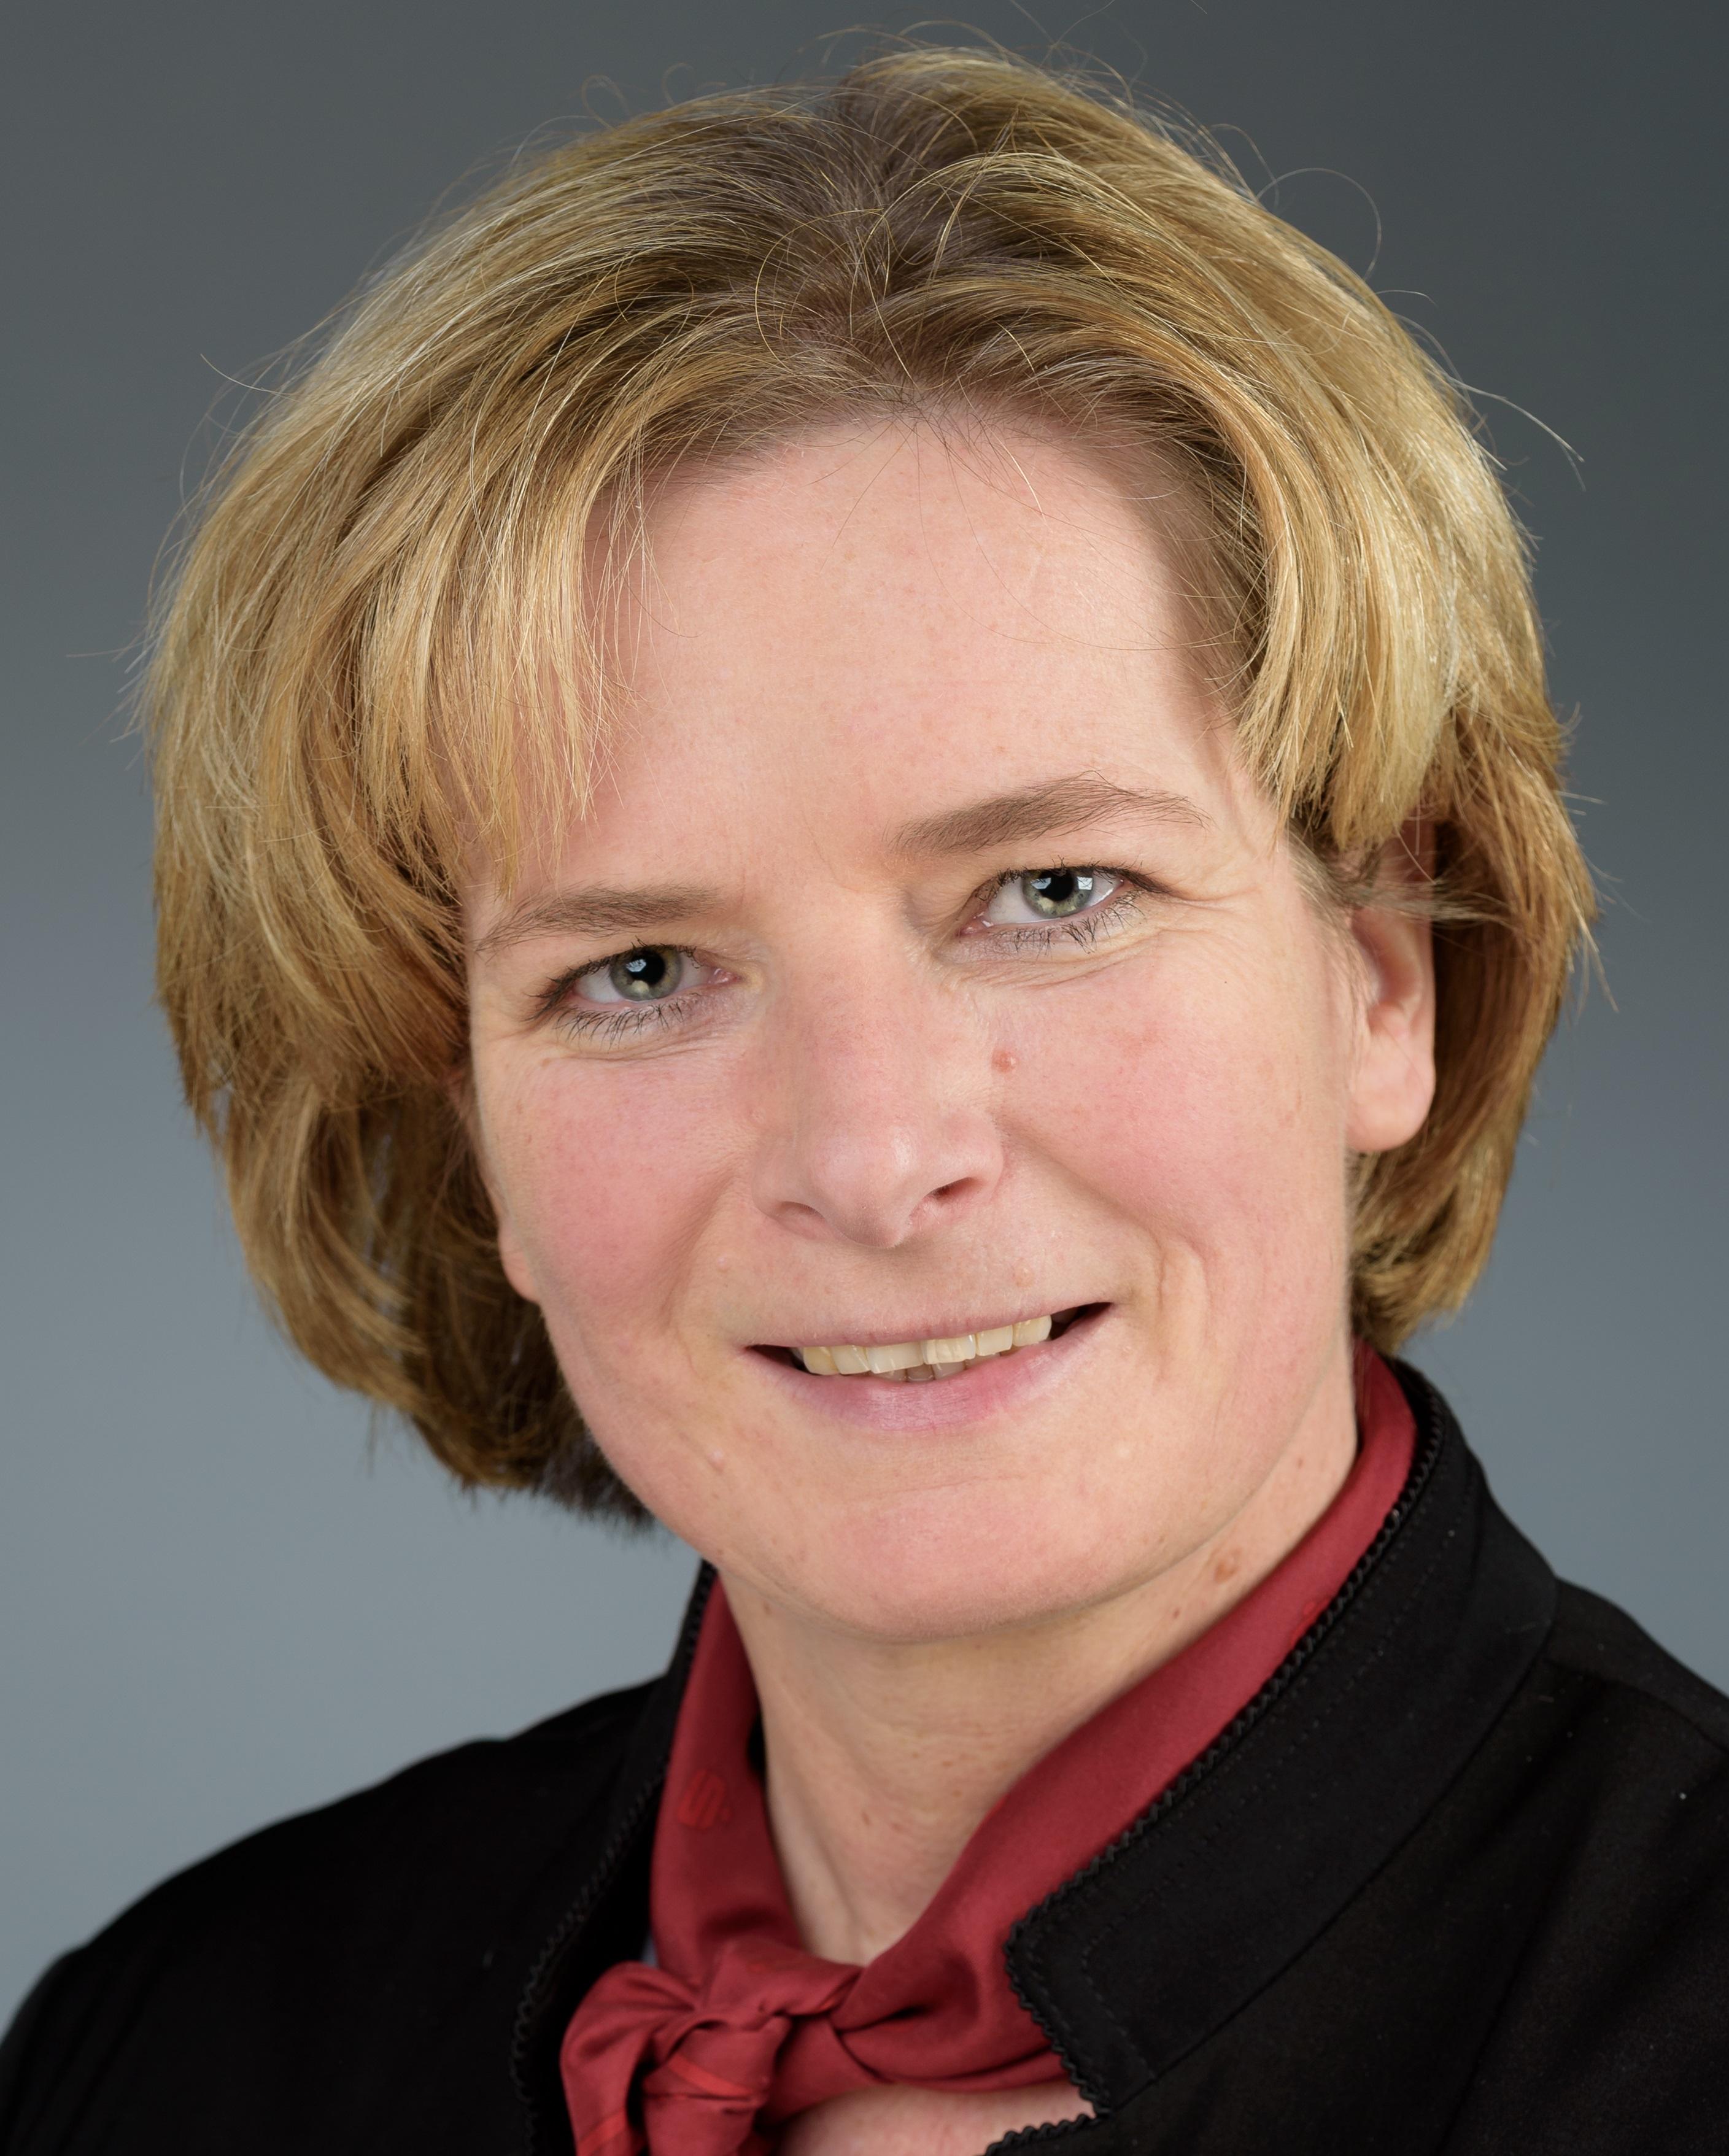 Susanne Böttger, Abteilungsleiterin Immobilien